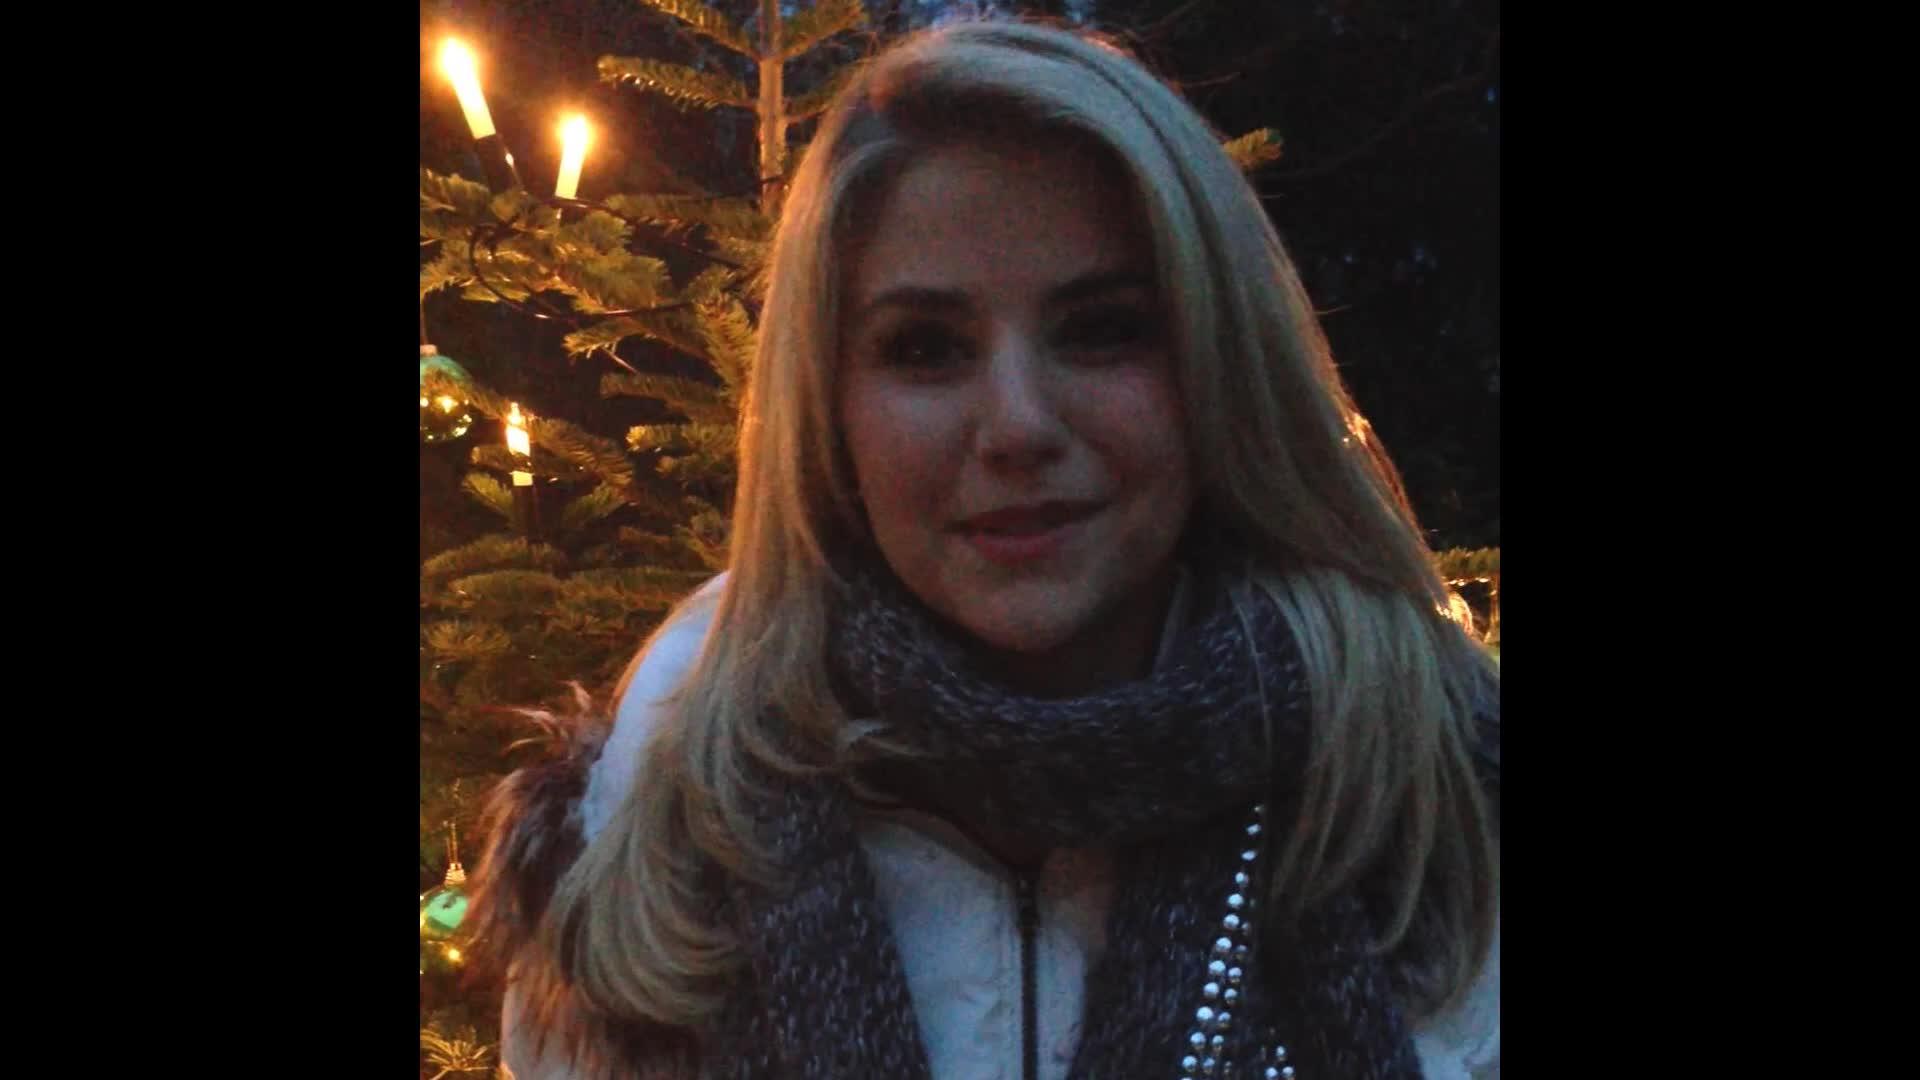 Beatrice Egli, Beatrice Egli wünscht euch frohe Weihnachten